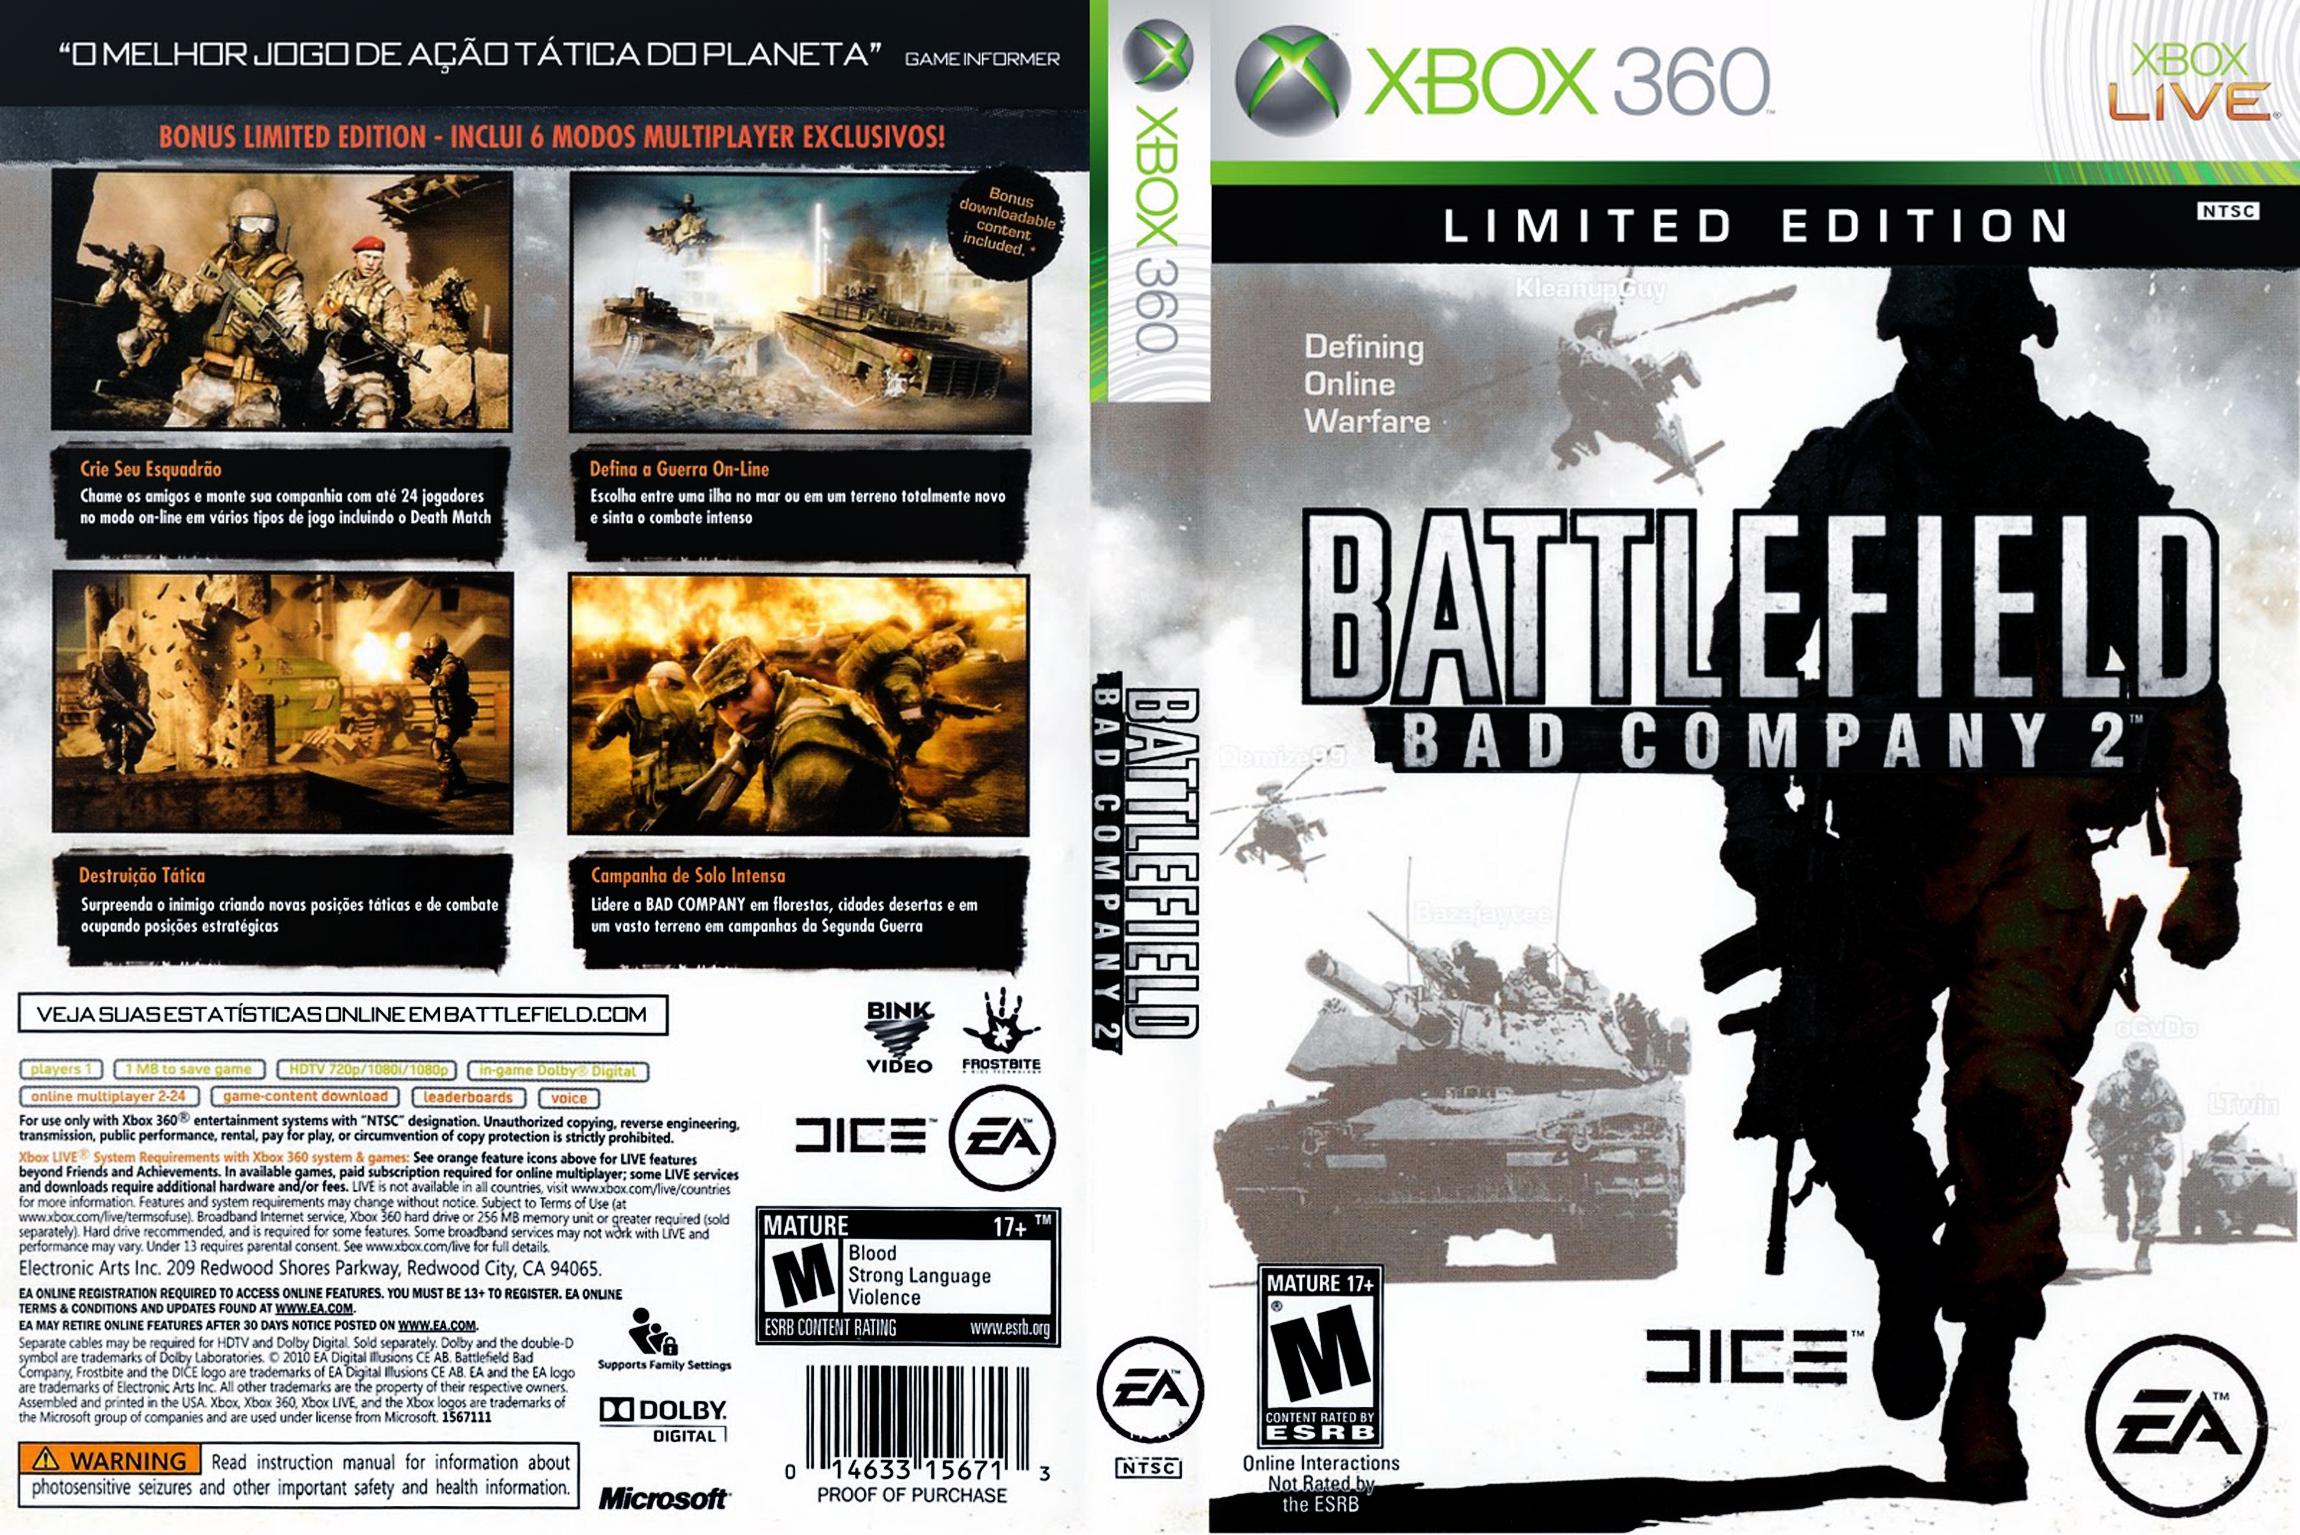 BattlefieldBadCompany2